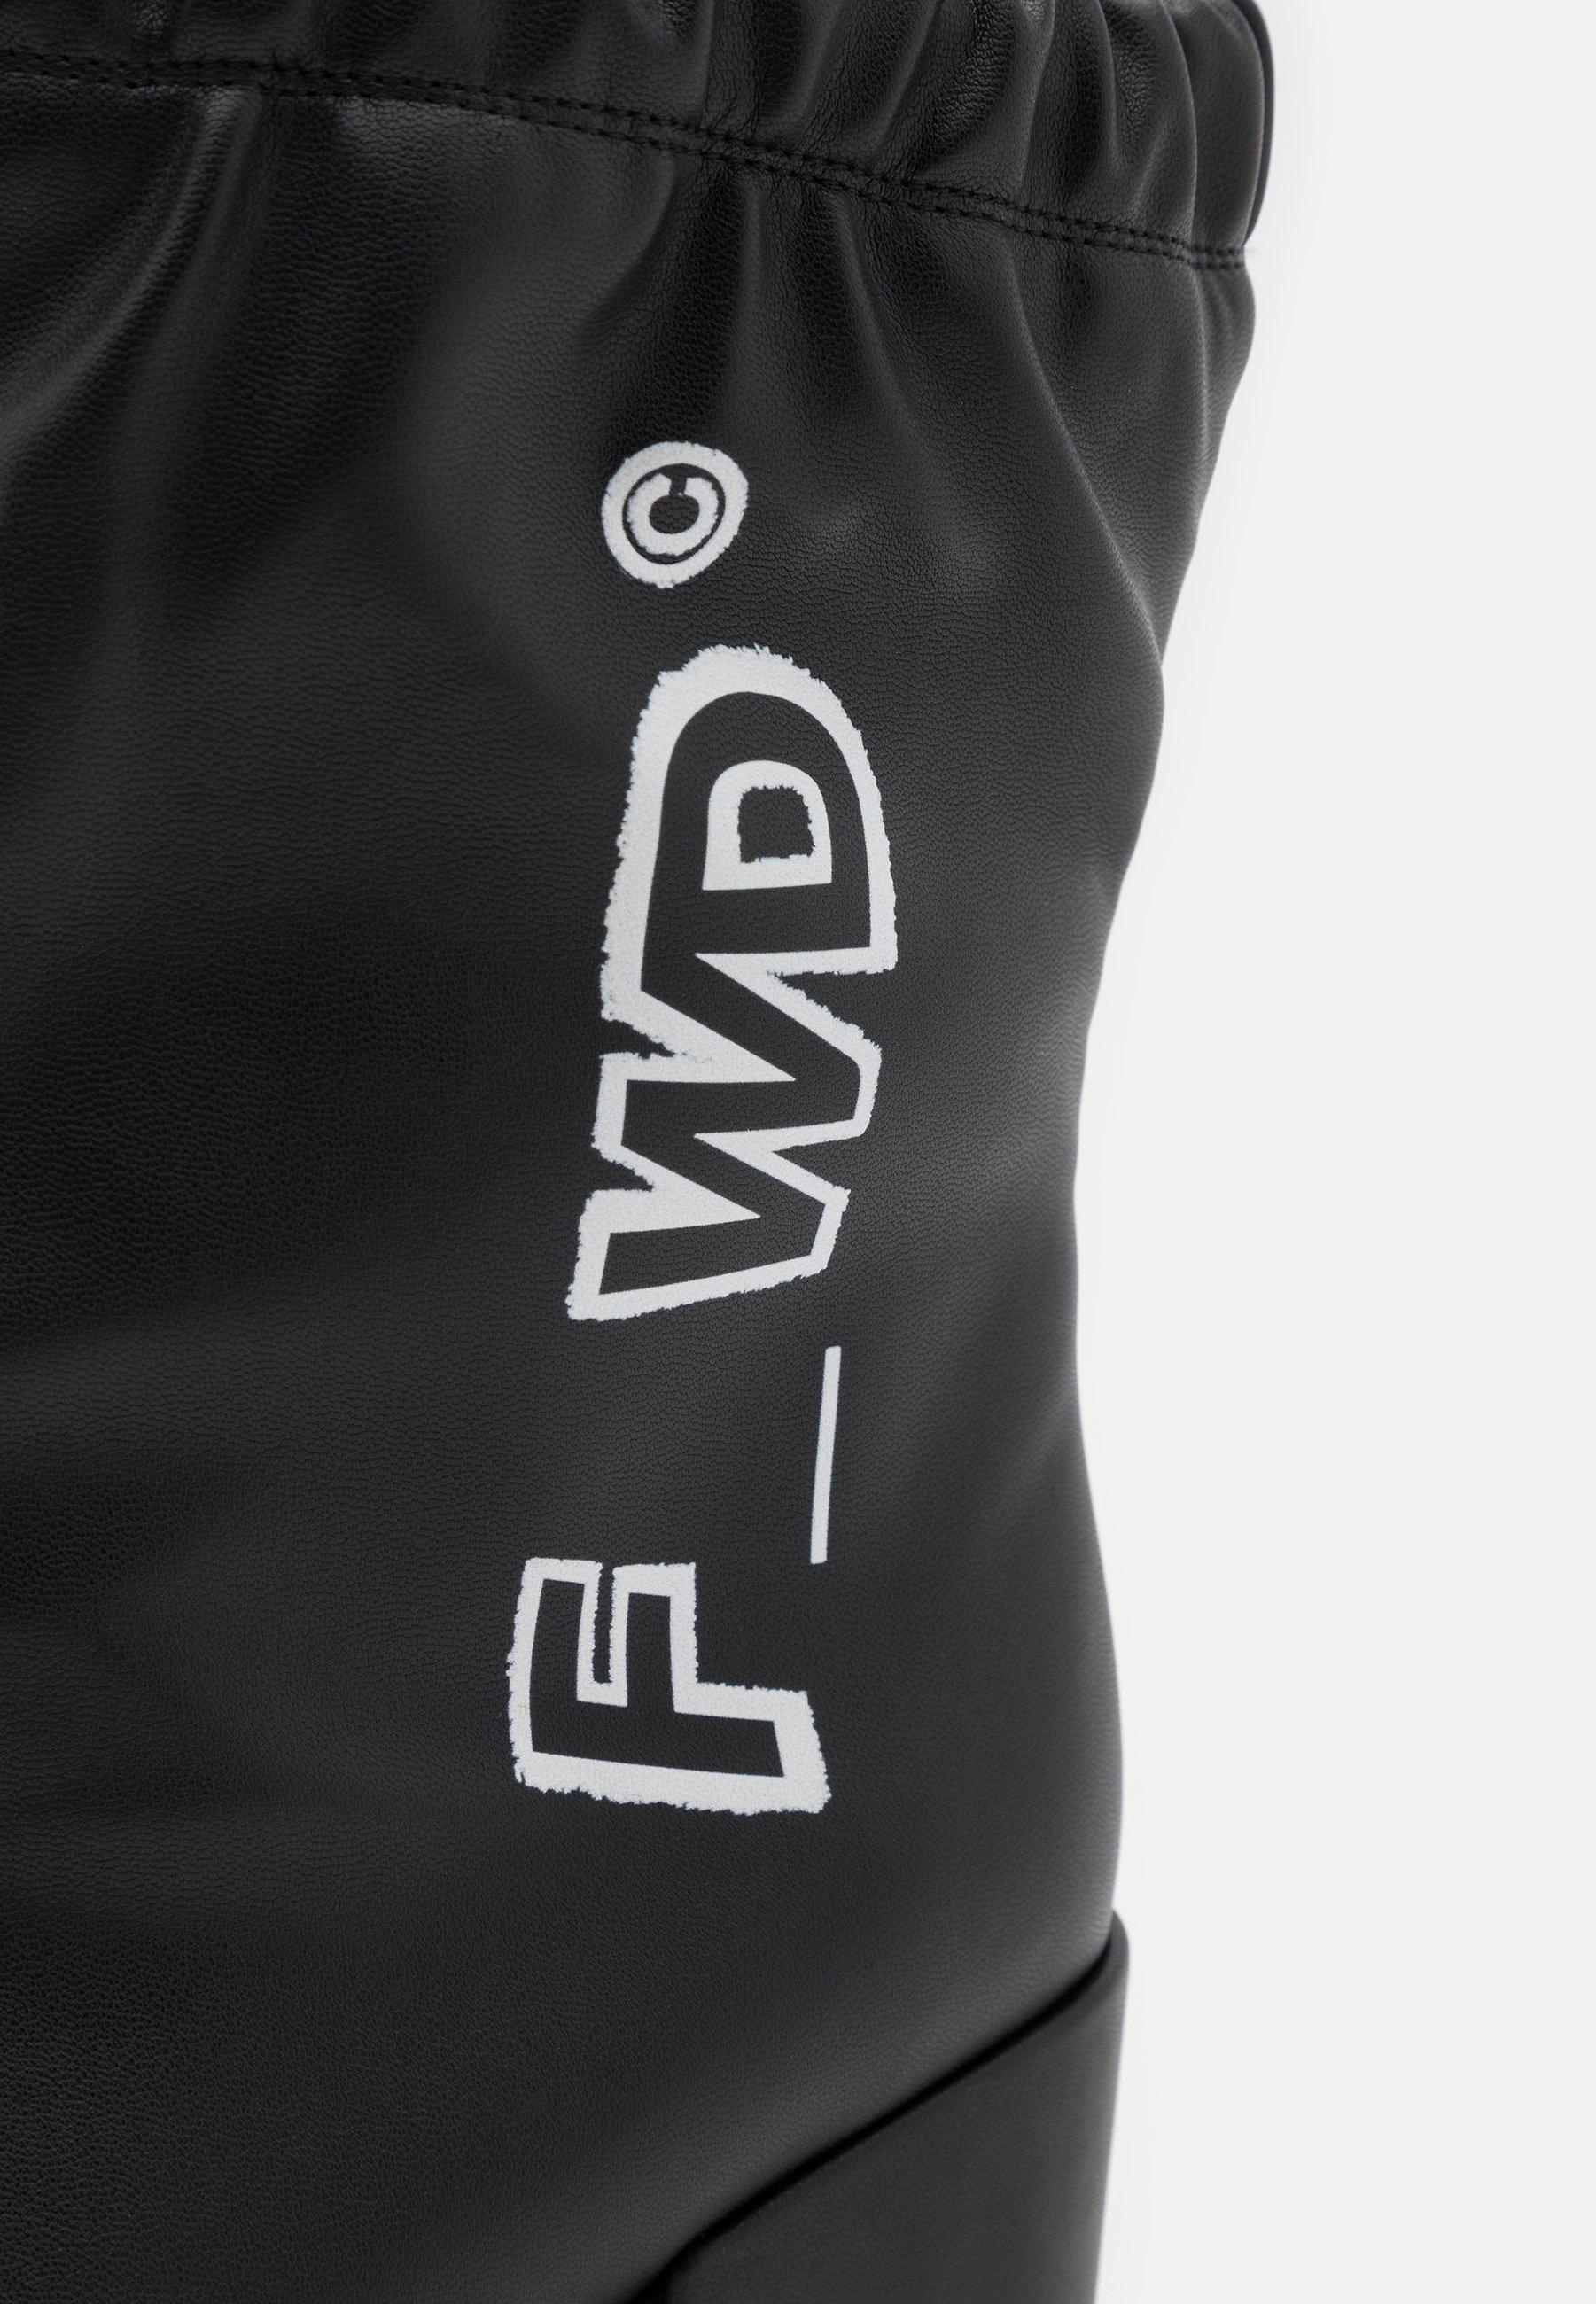 F_wd Støvletter - Black